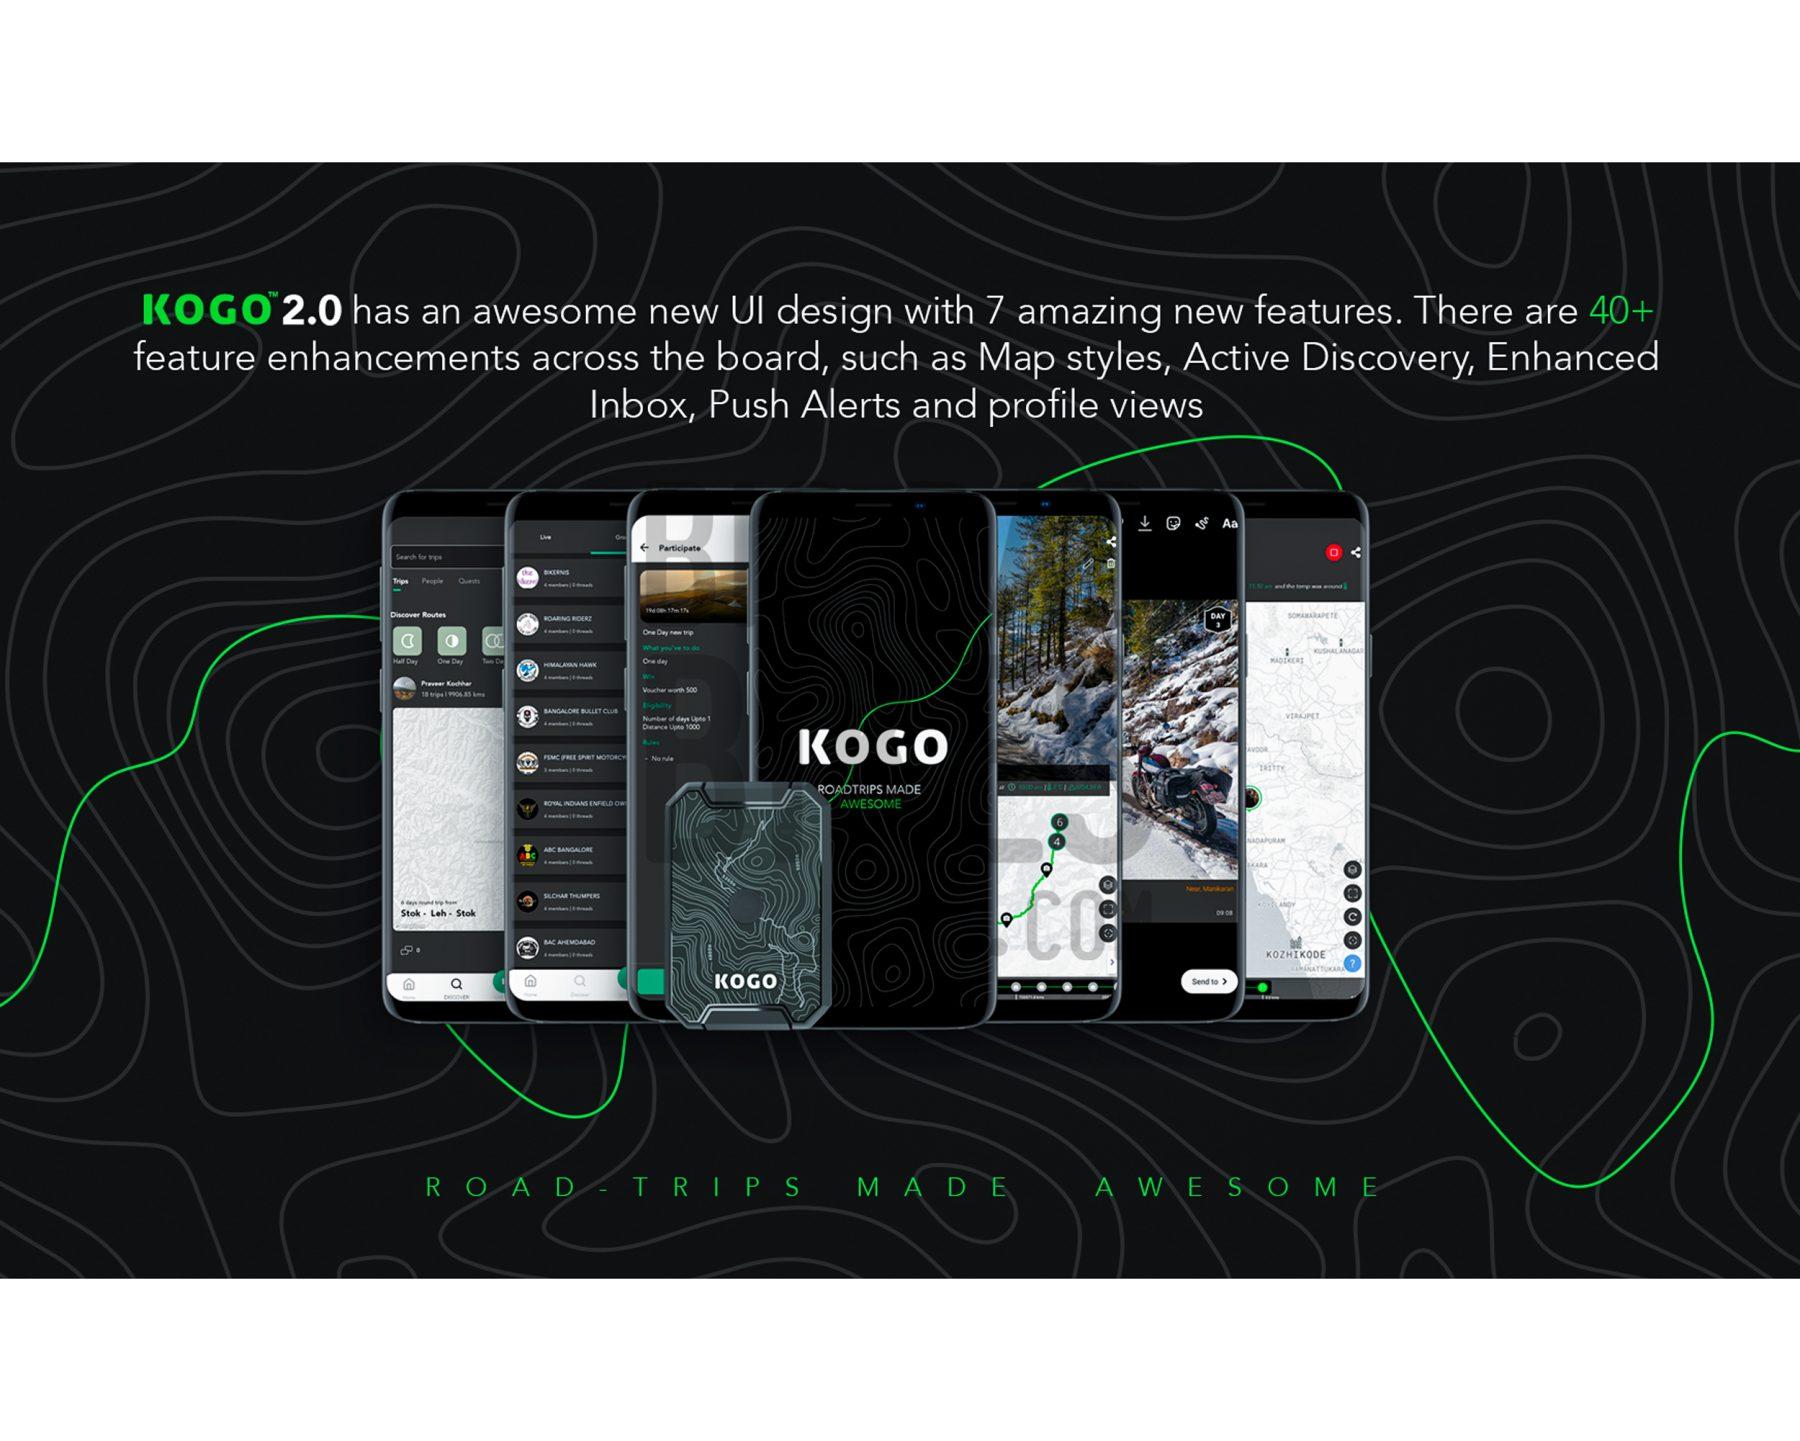 KOGO 2.0